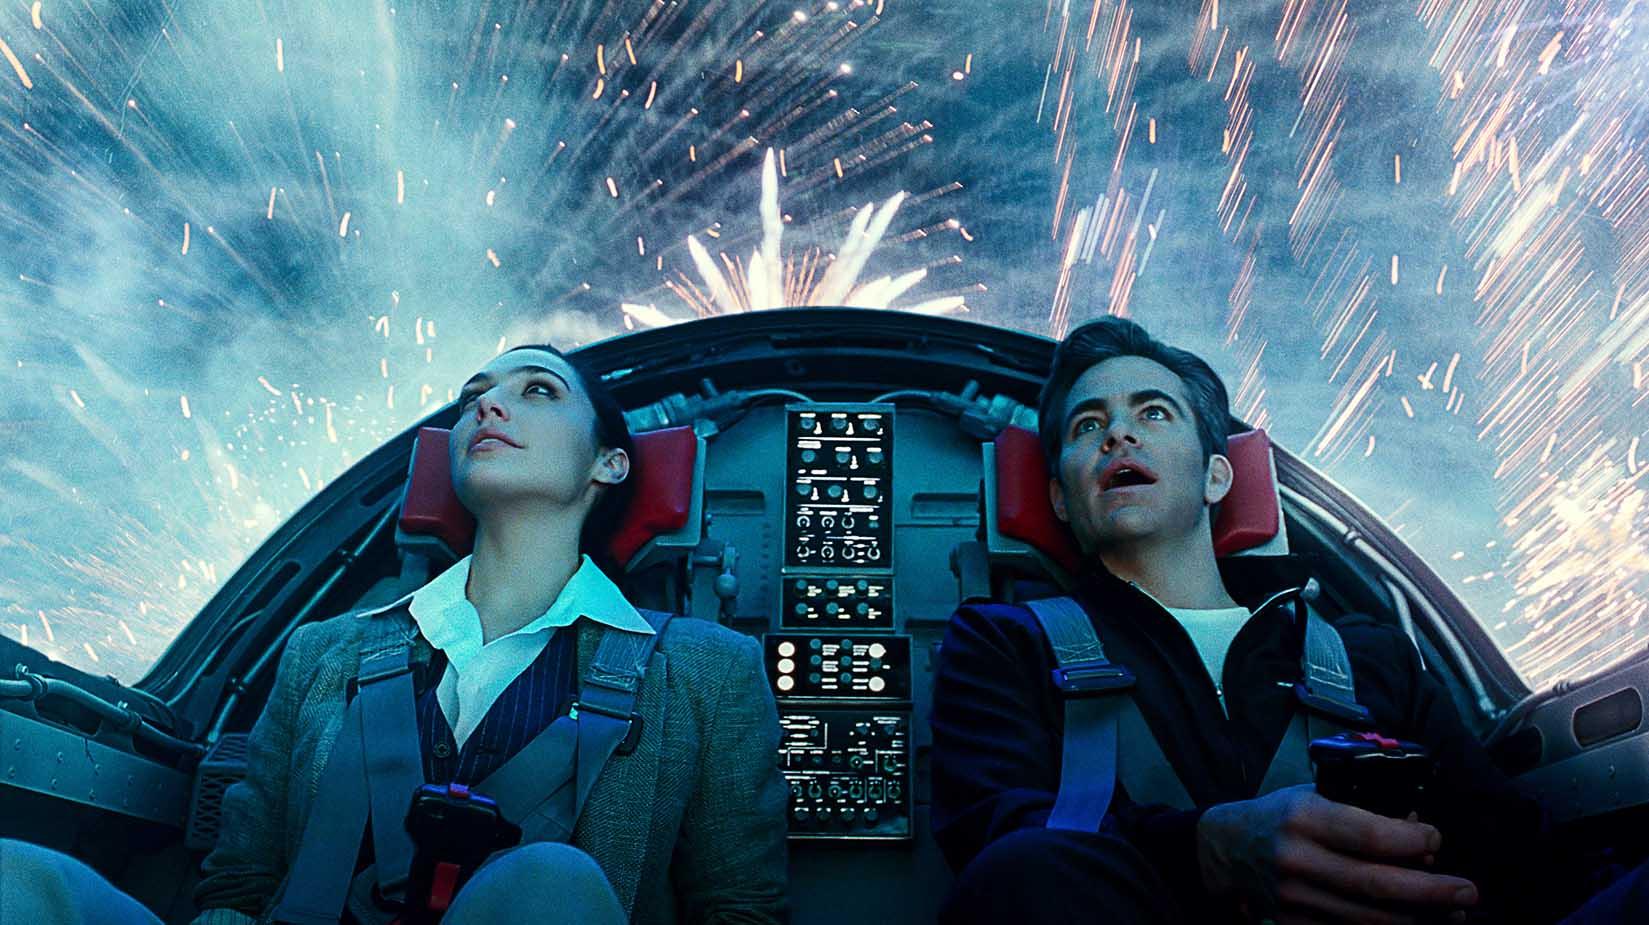 phim chiếu rạp Wonder Women 1984 hai người trên máy bay